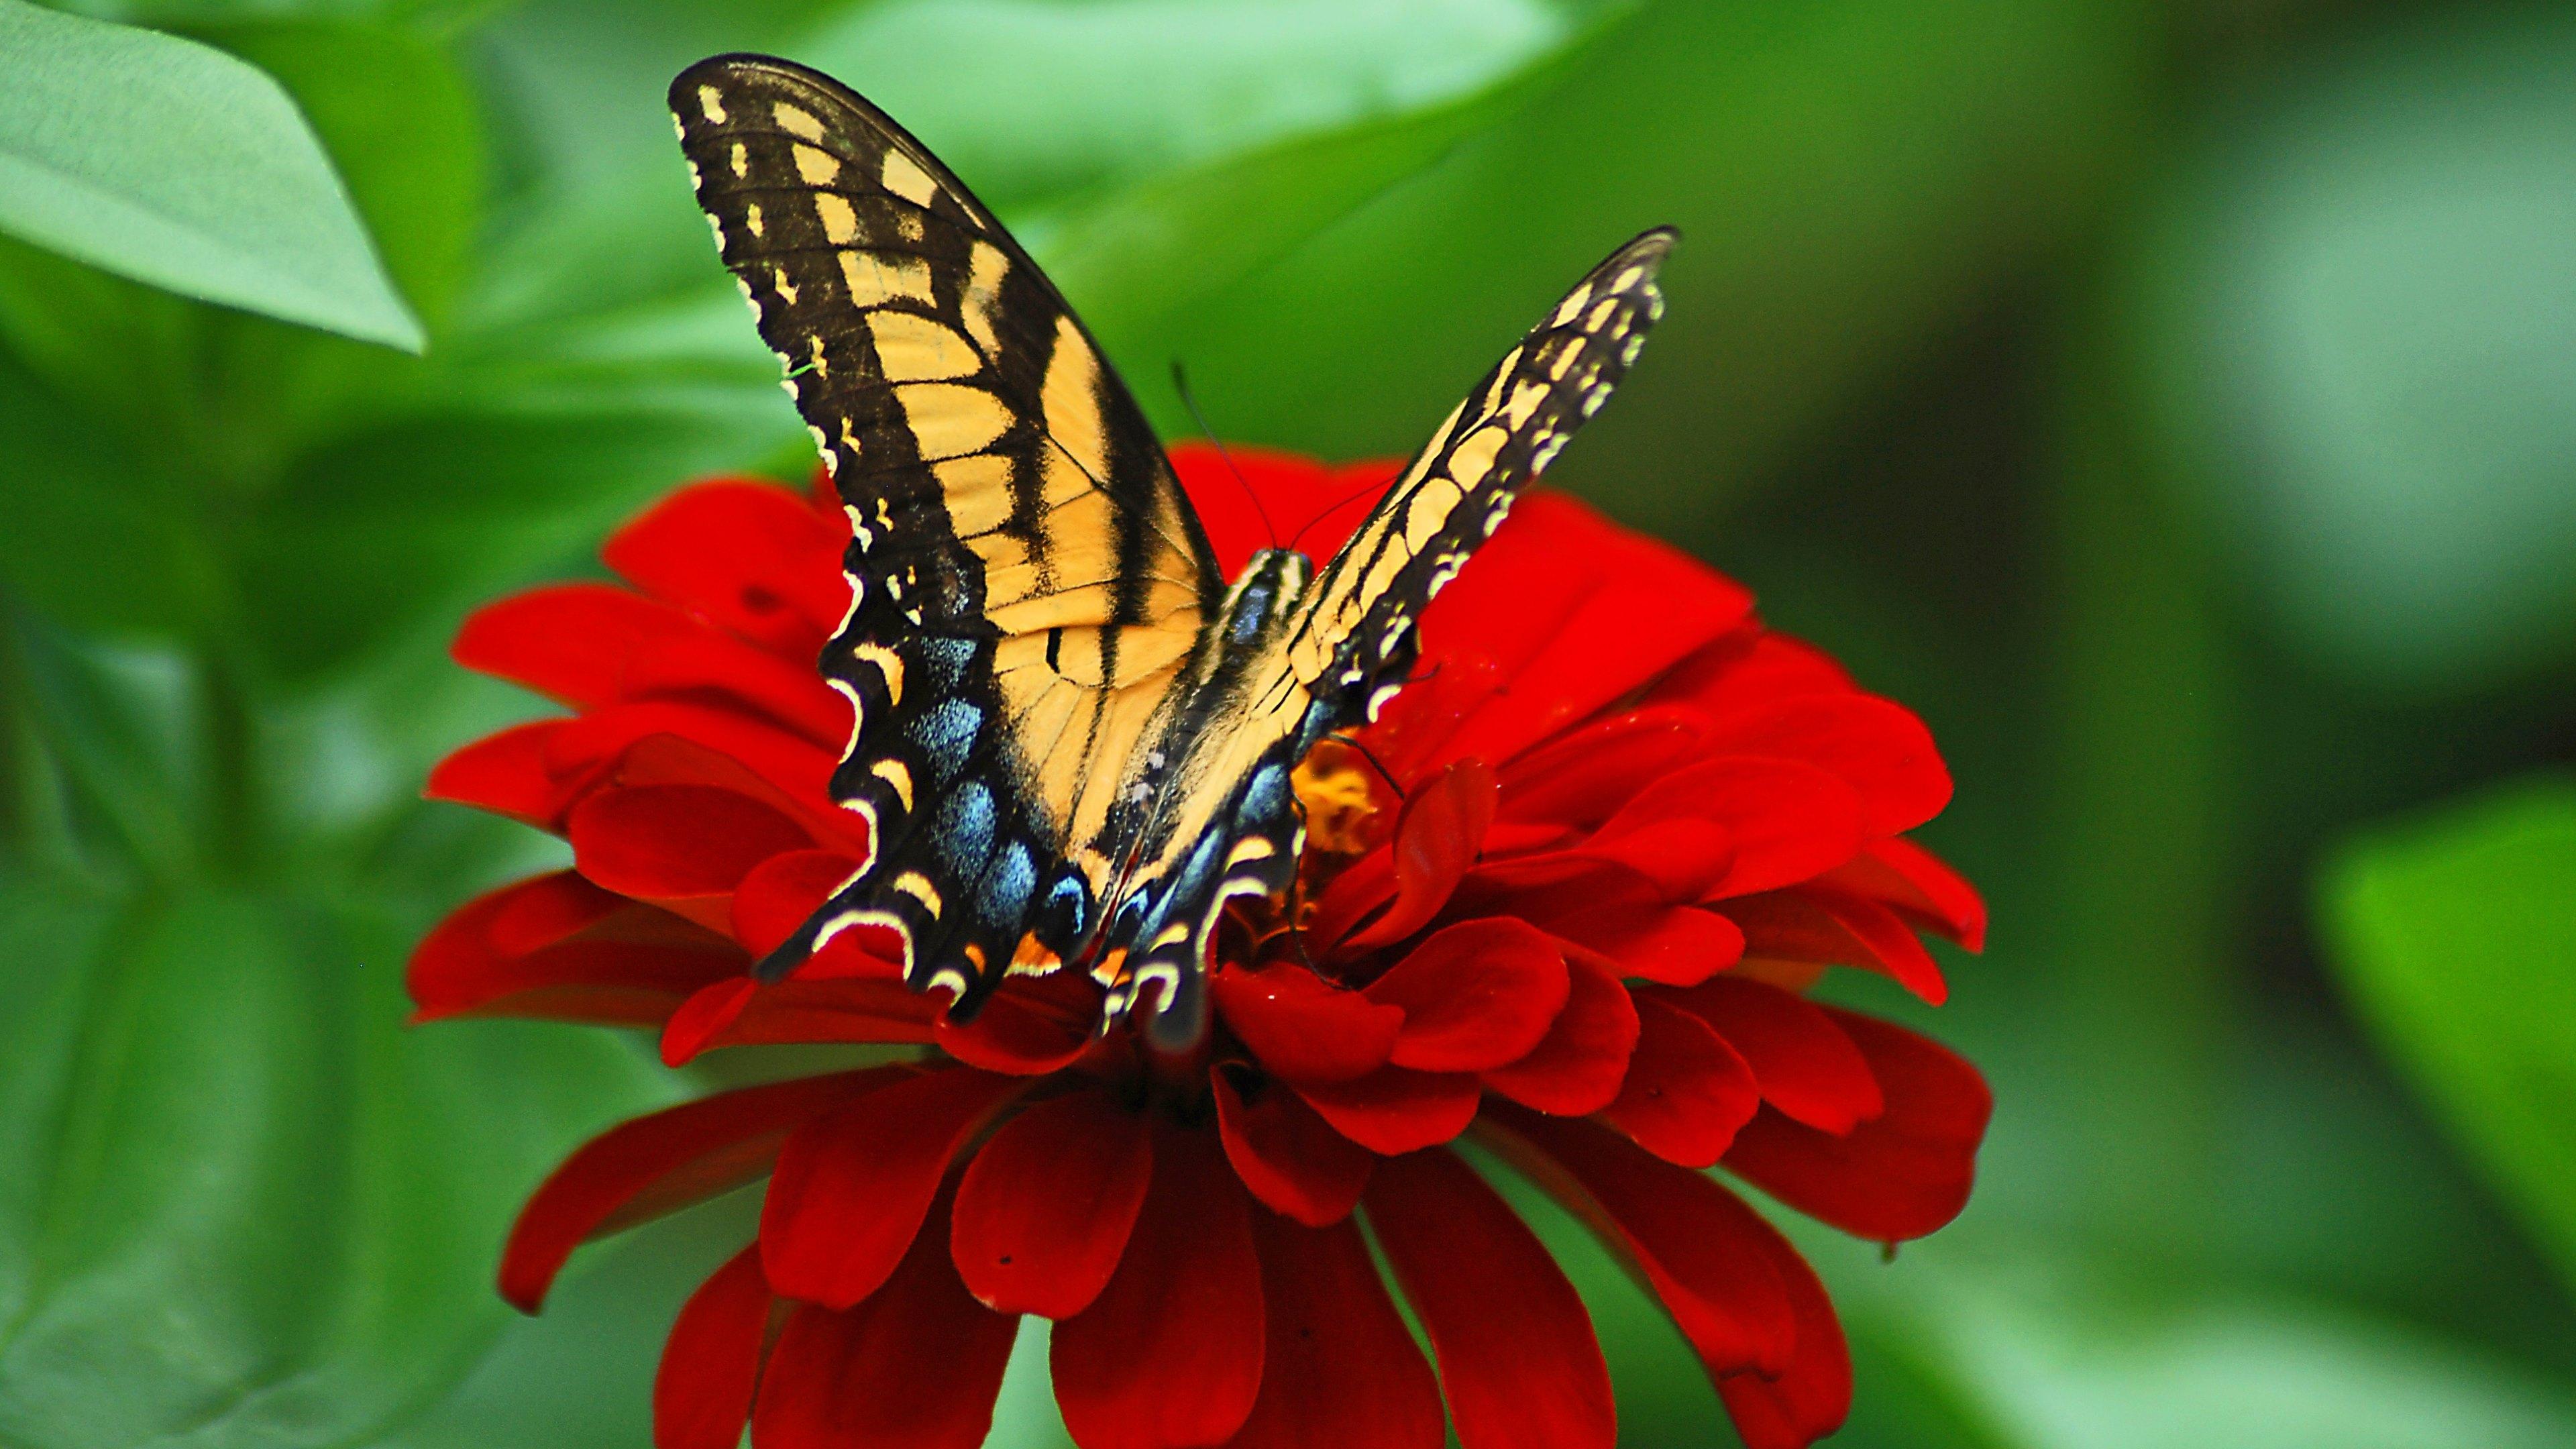 Butterfly on Red Flower 4k Ultra HD Wallpaper | Background ...